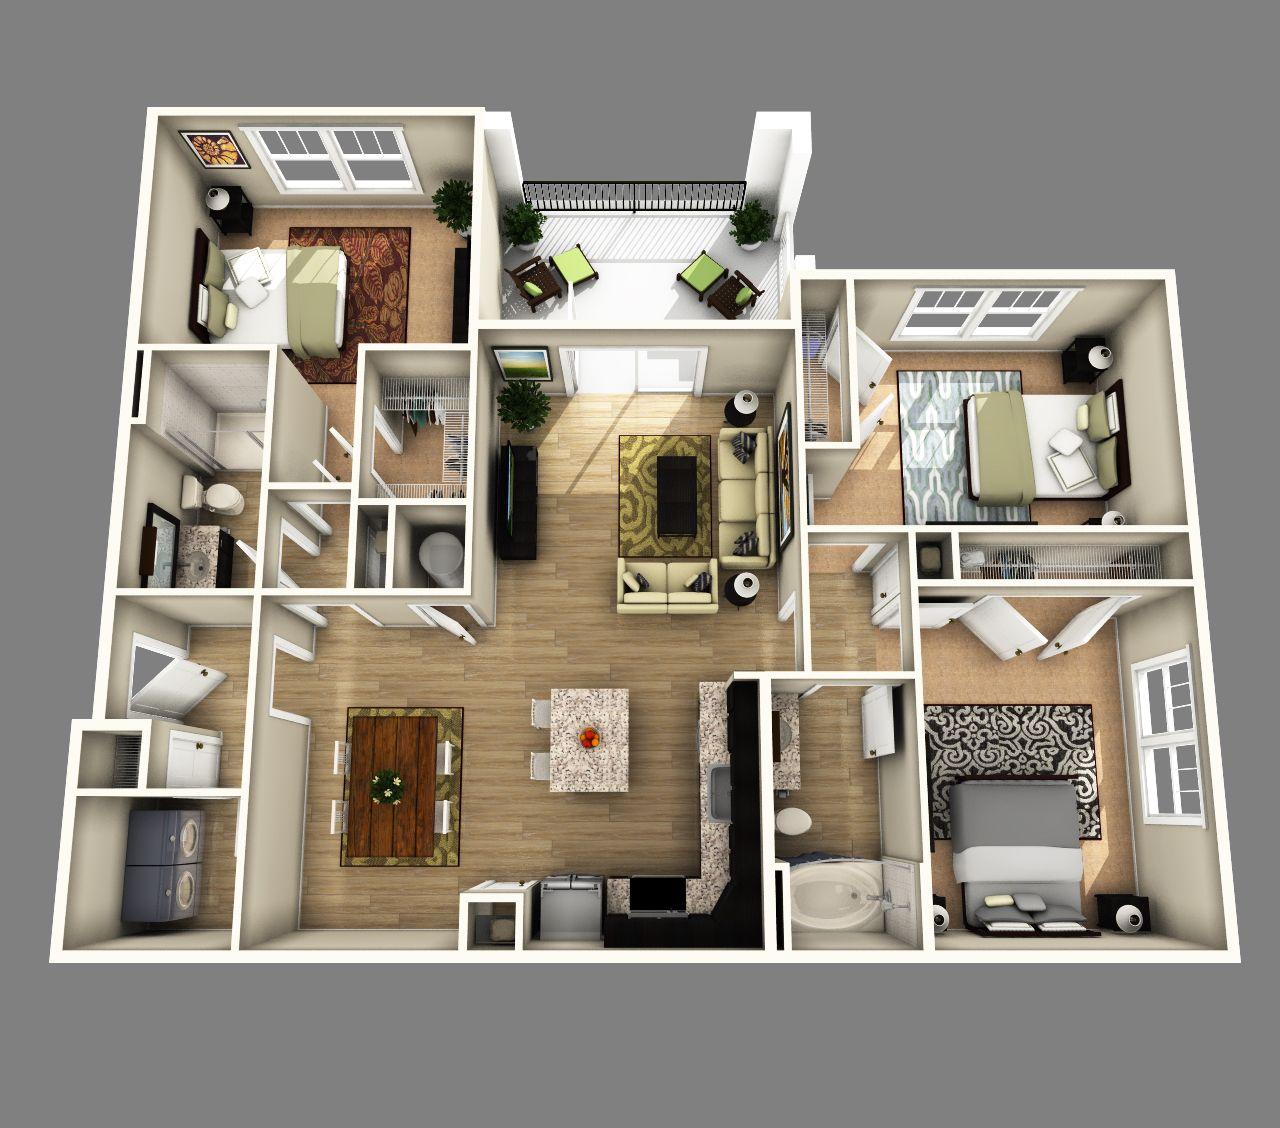 3 Bedrooms Apartments Apartment Floor Plans 3d House Plans Bedroom House Plans